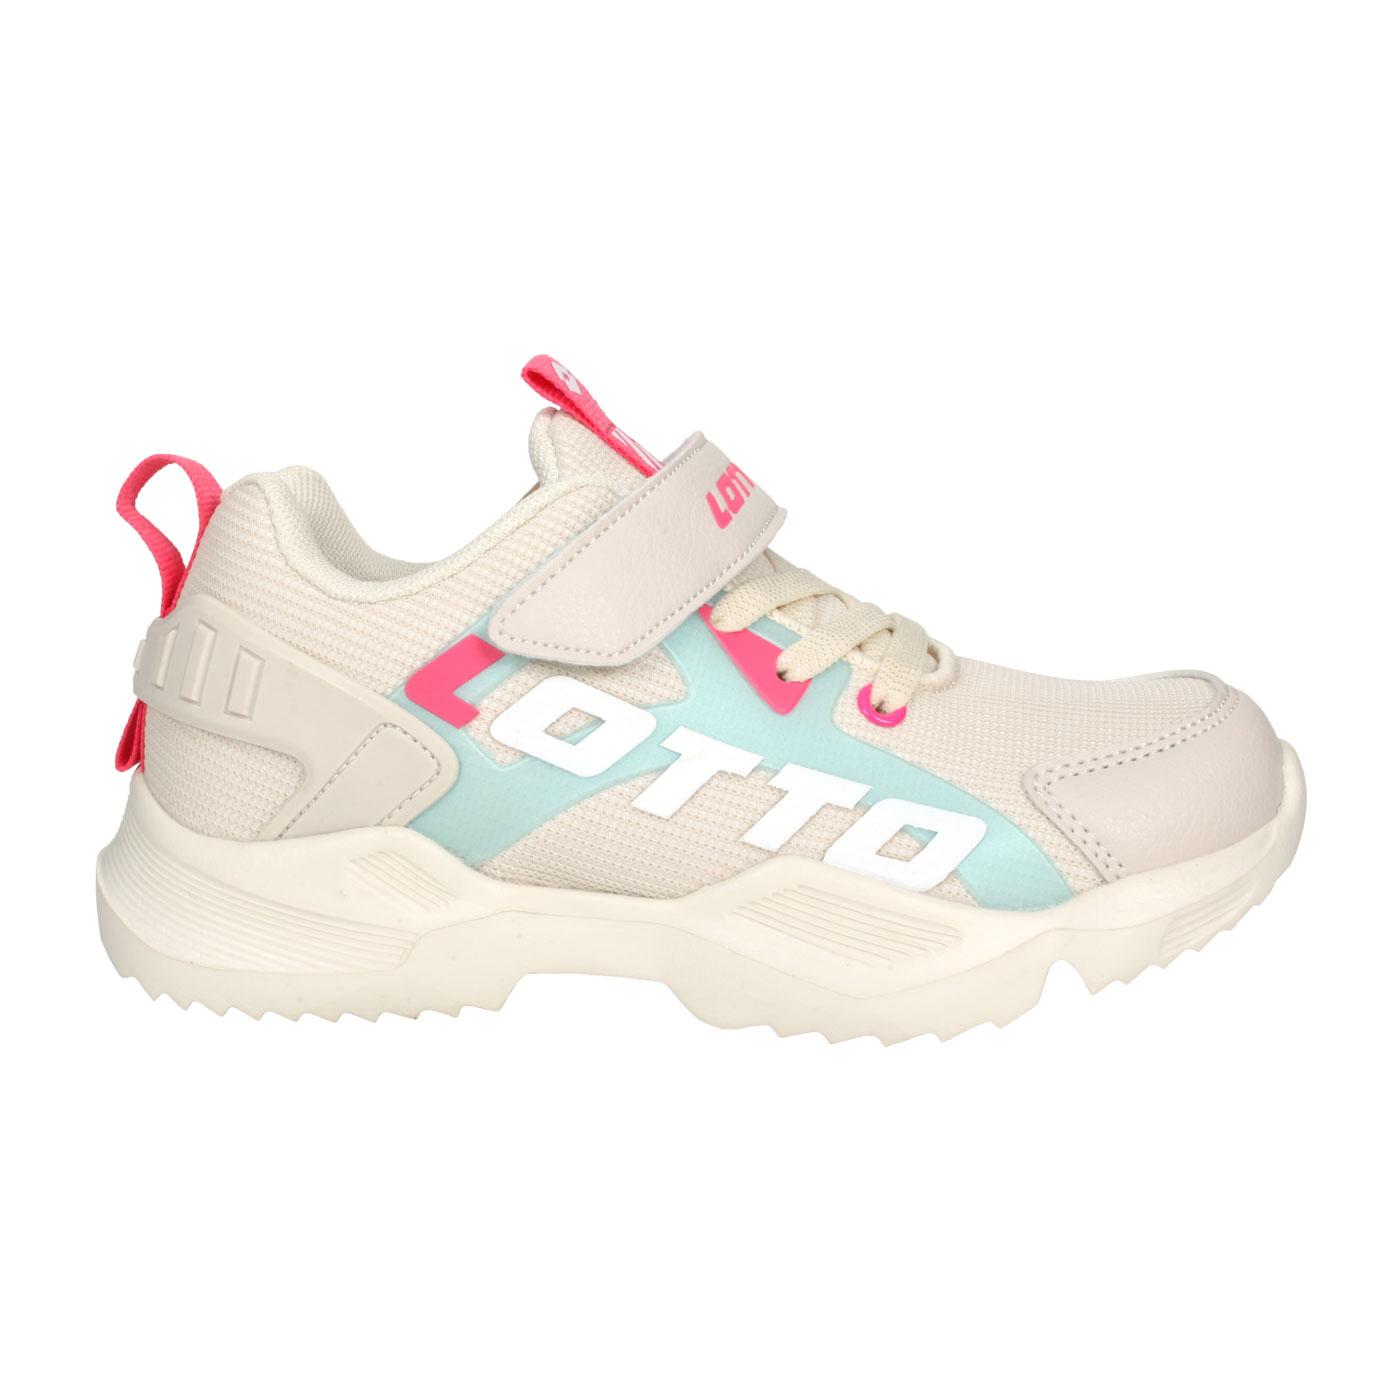 LOTTO 中童輕量慢跑鞋 LT0AKR1791 - 米白湖綠粉